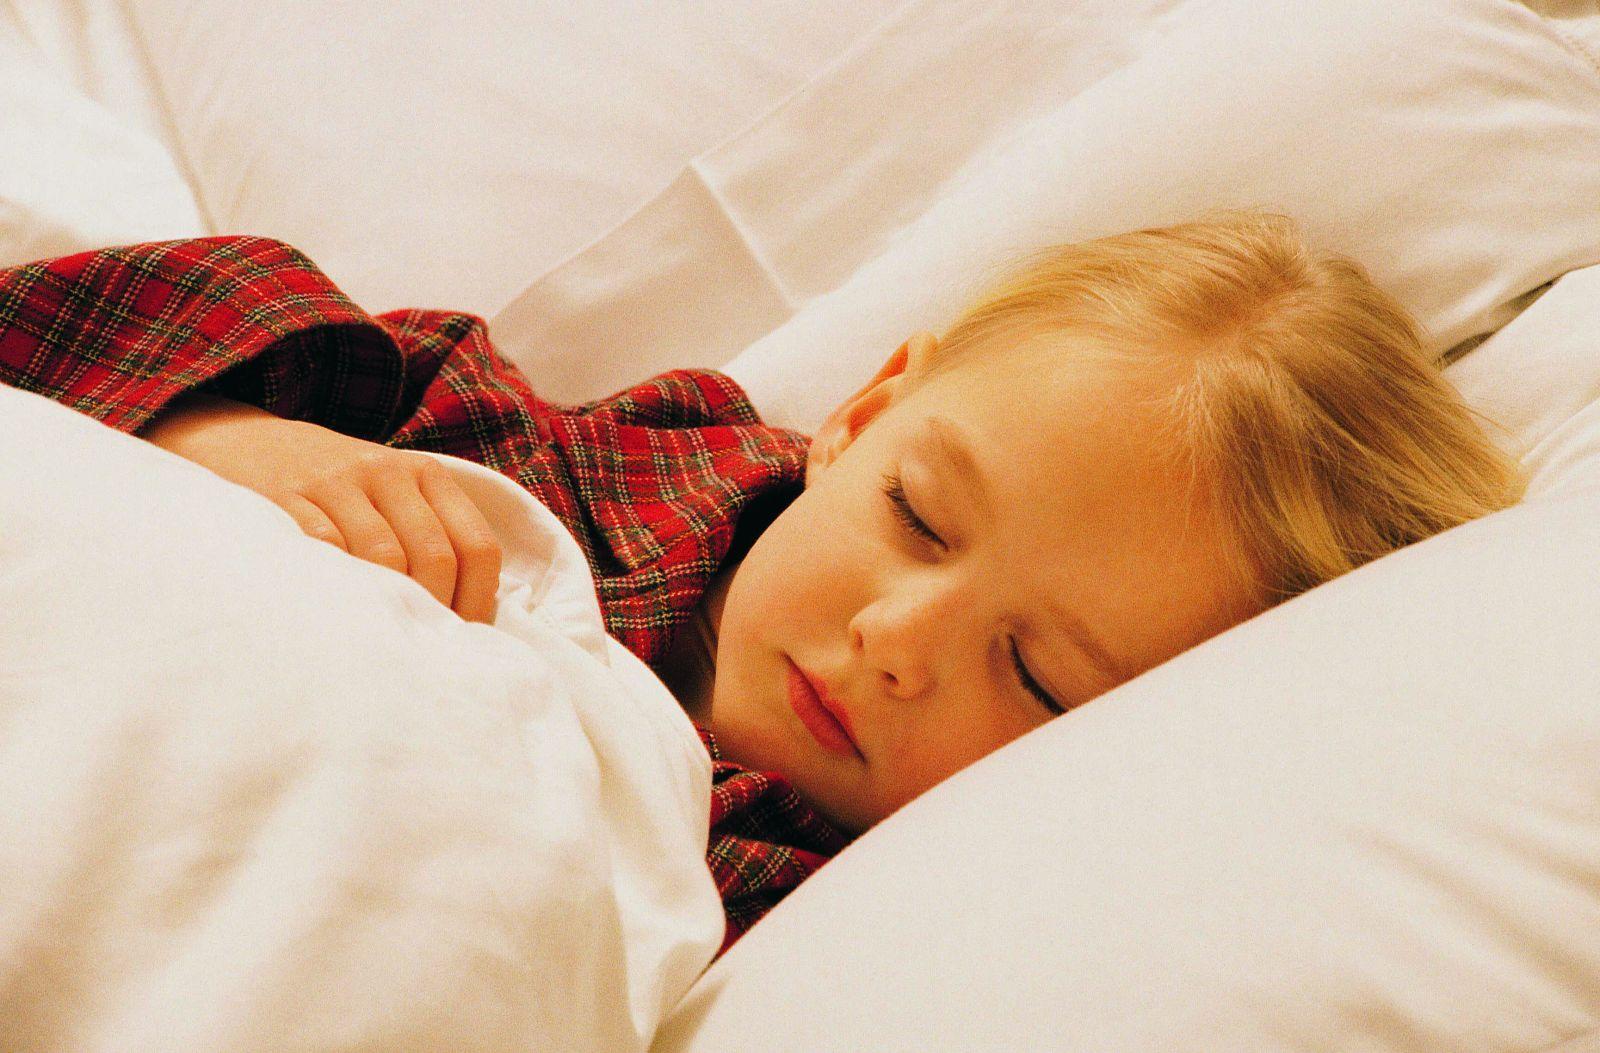 Дневной сон улучшает память детей